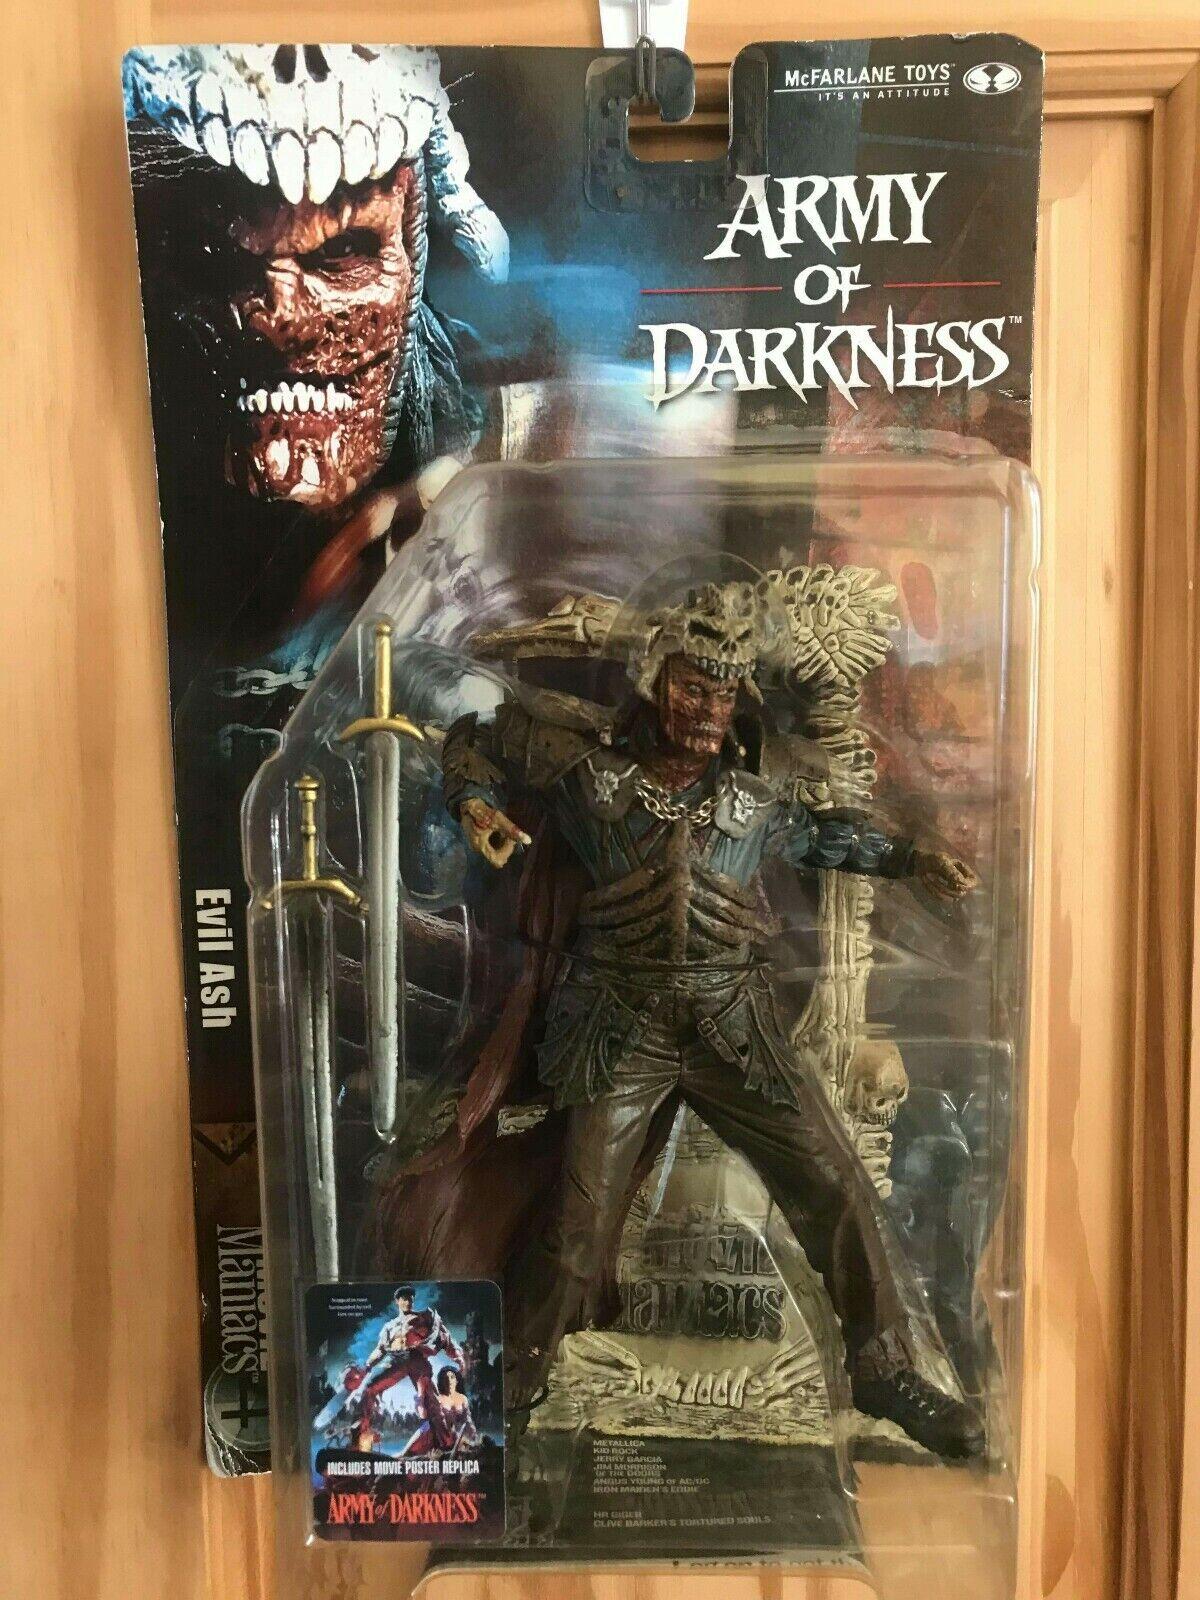 McFarlane giocattoli  MOVIE uomoIACS Army of Darkness EVIL Ash azione cifra  edizione limitata a caldo